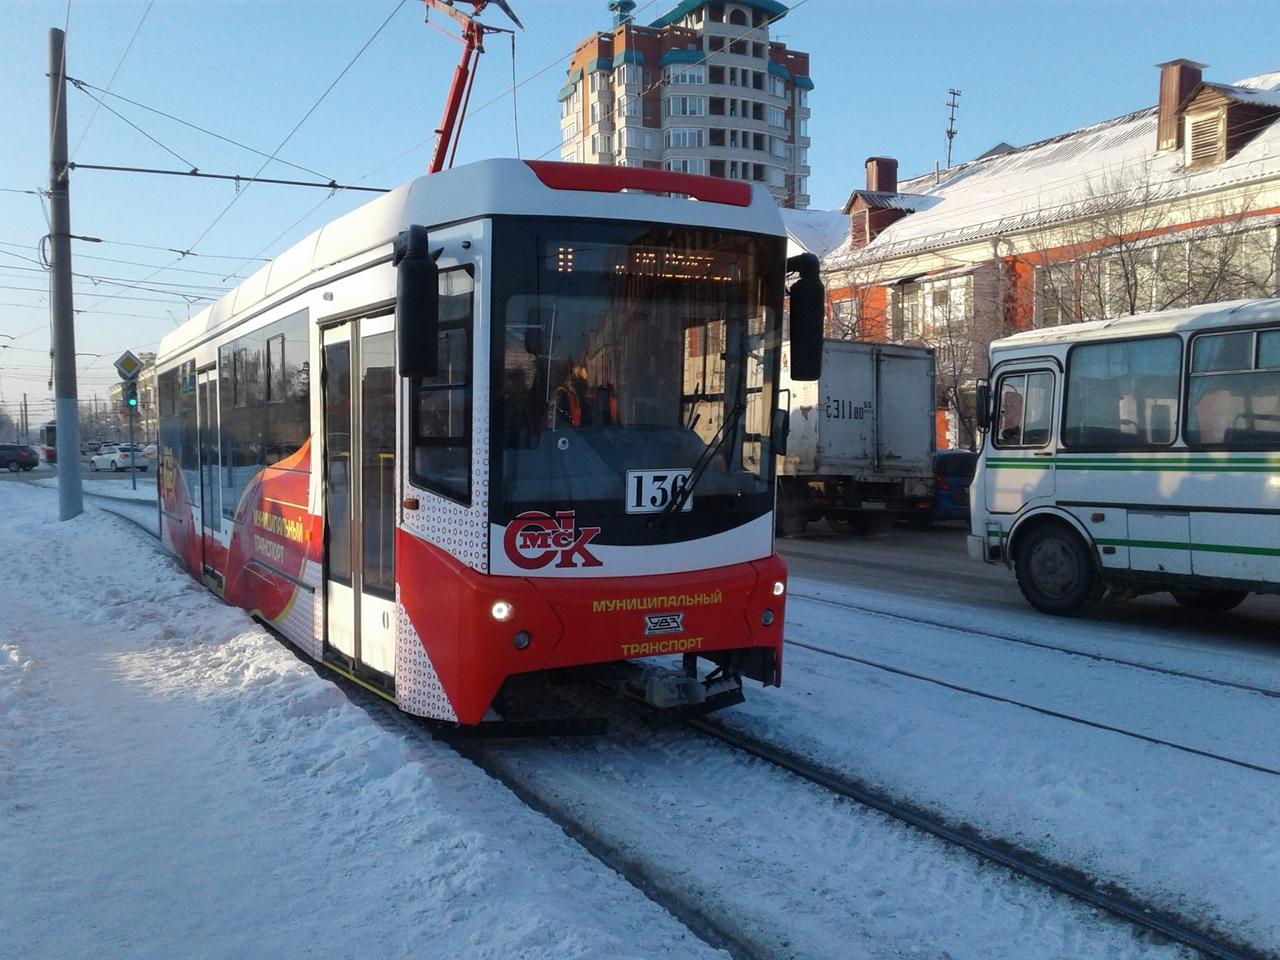 Трамвайные пути в Омске чистят с помощью трактора К-700 #Омск #Общество #Сегодня